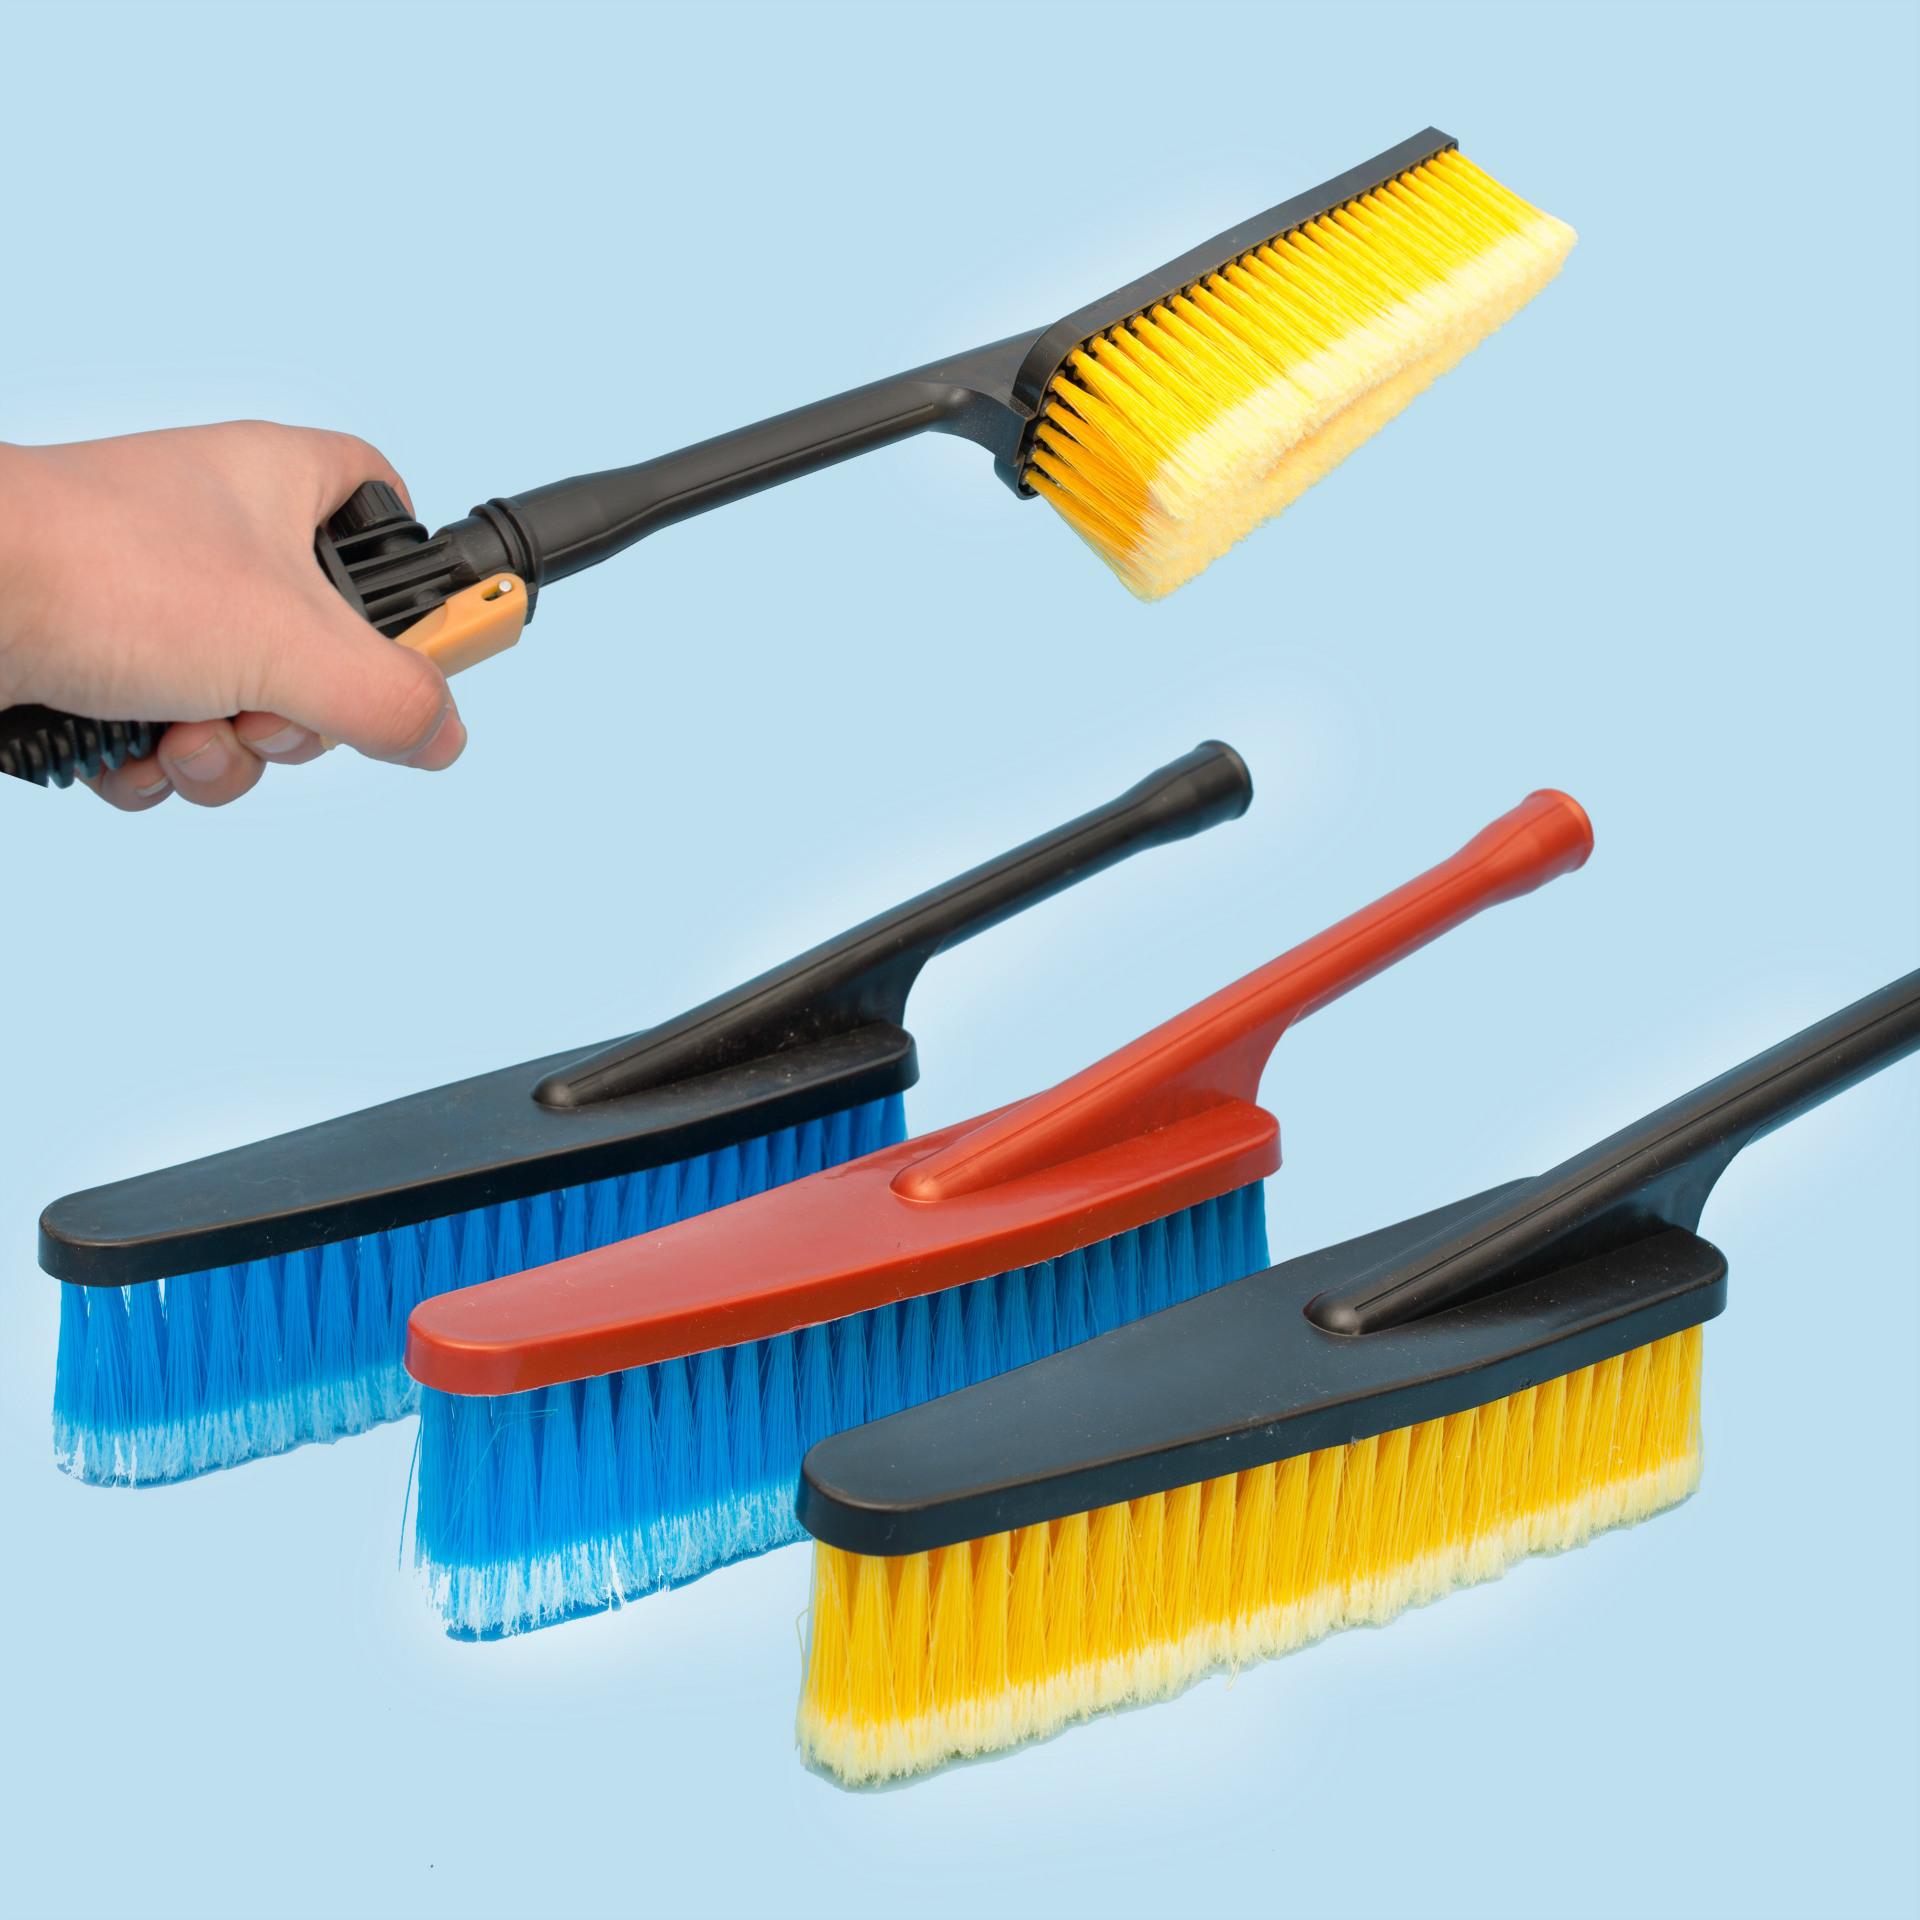 汽車泡沫洗車通水刷子長柄軟毛噴水擦車刷除塵汽車清潔刷洗車工具